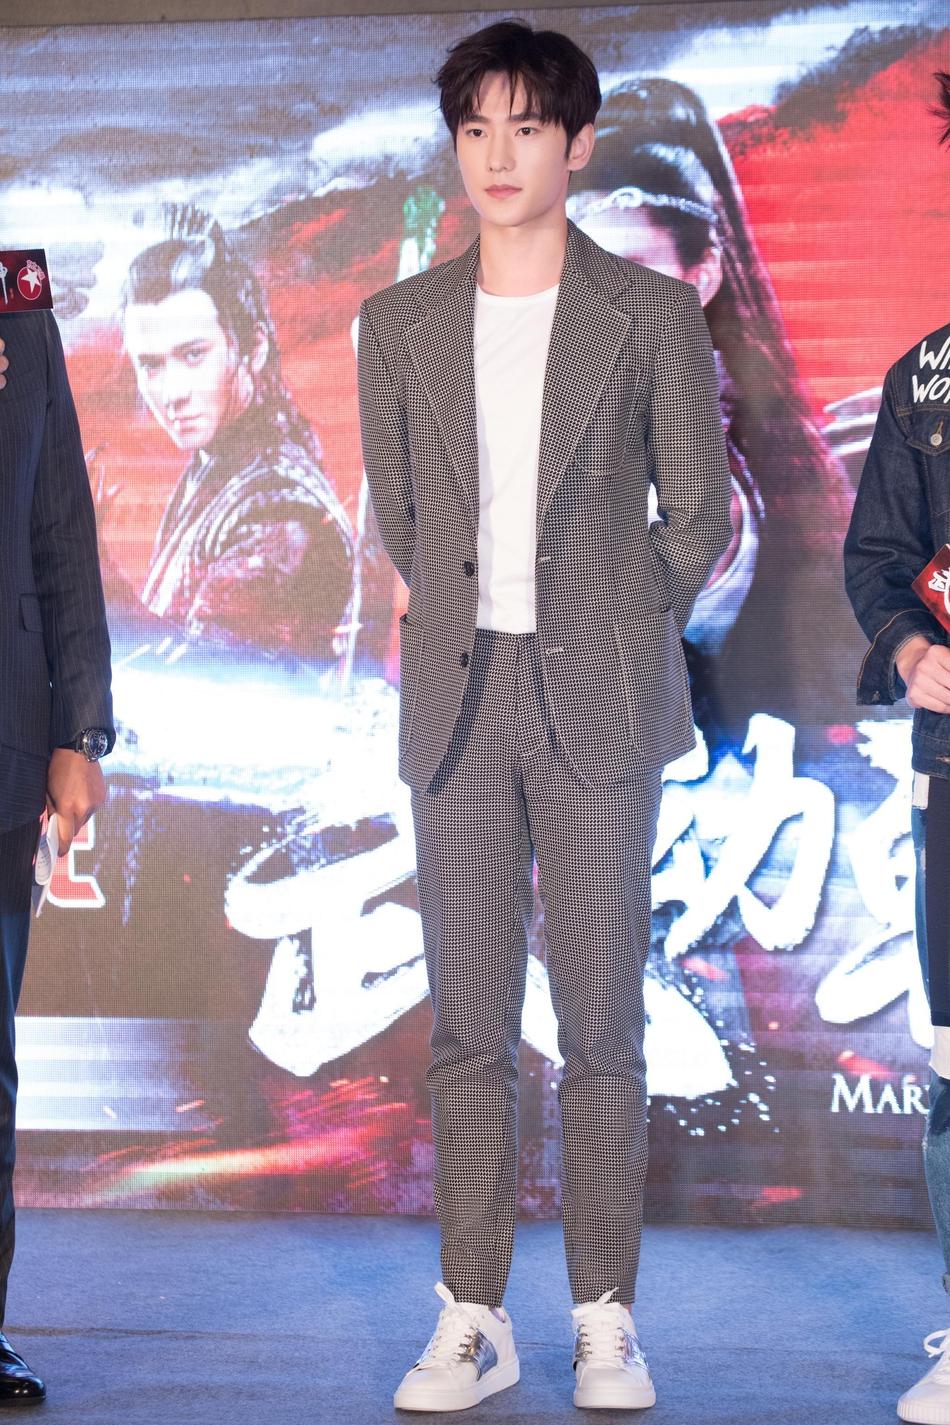 杨洋西装现身发布会 尽显绅士品质